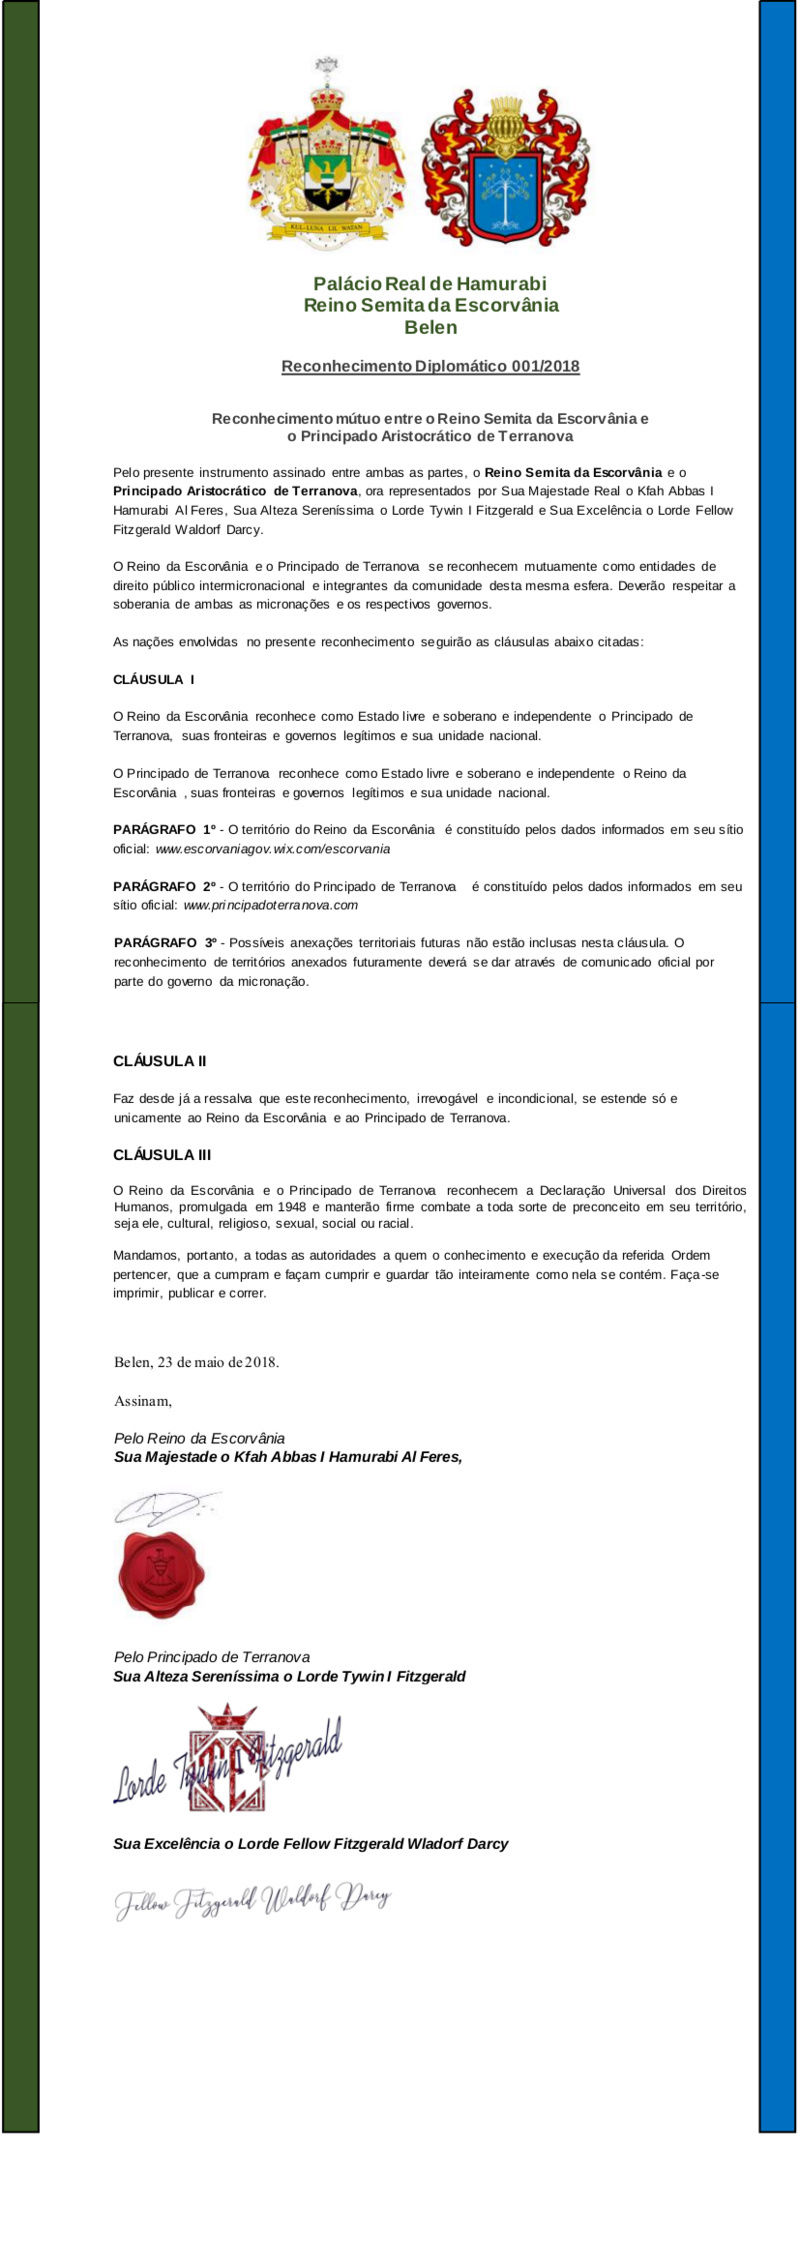 TRATADO DE COOPERAÇÃO E RECONHECIMENTO BILATERAL ENTRE O PRINCIPADO ARISTOCRÁTICO DE TERRANOVA E O REINO DE ESCORVÂNIA Tratad11